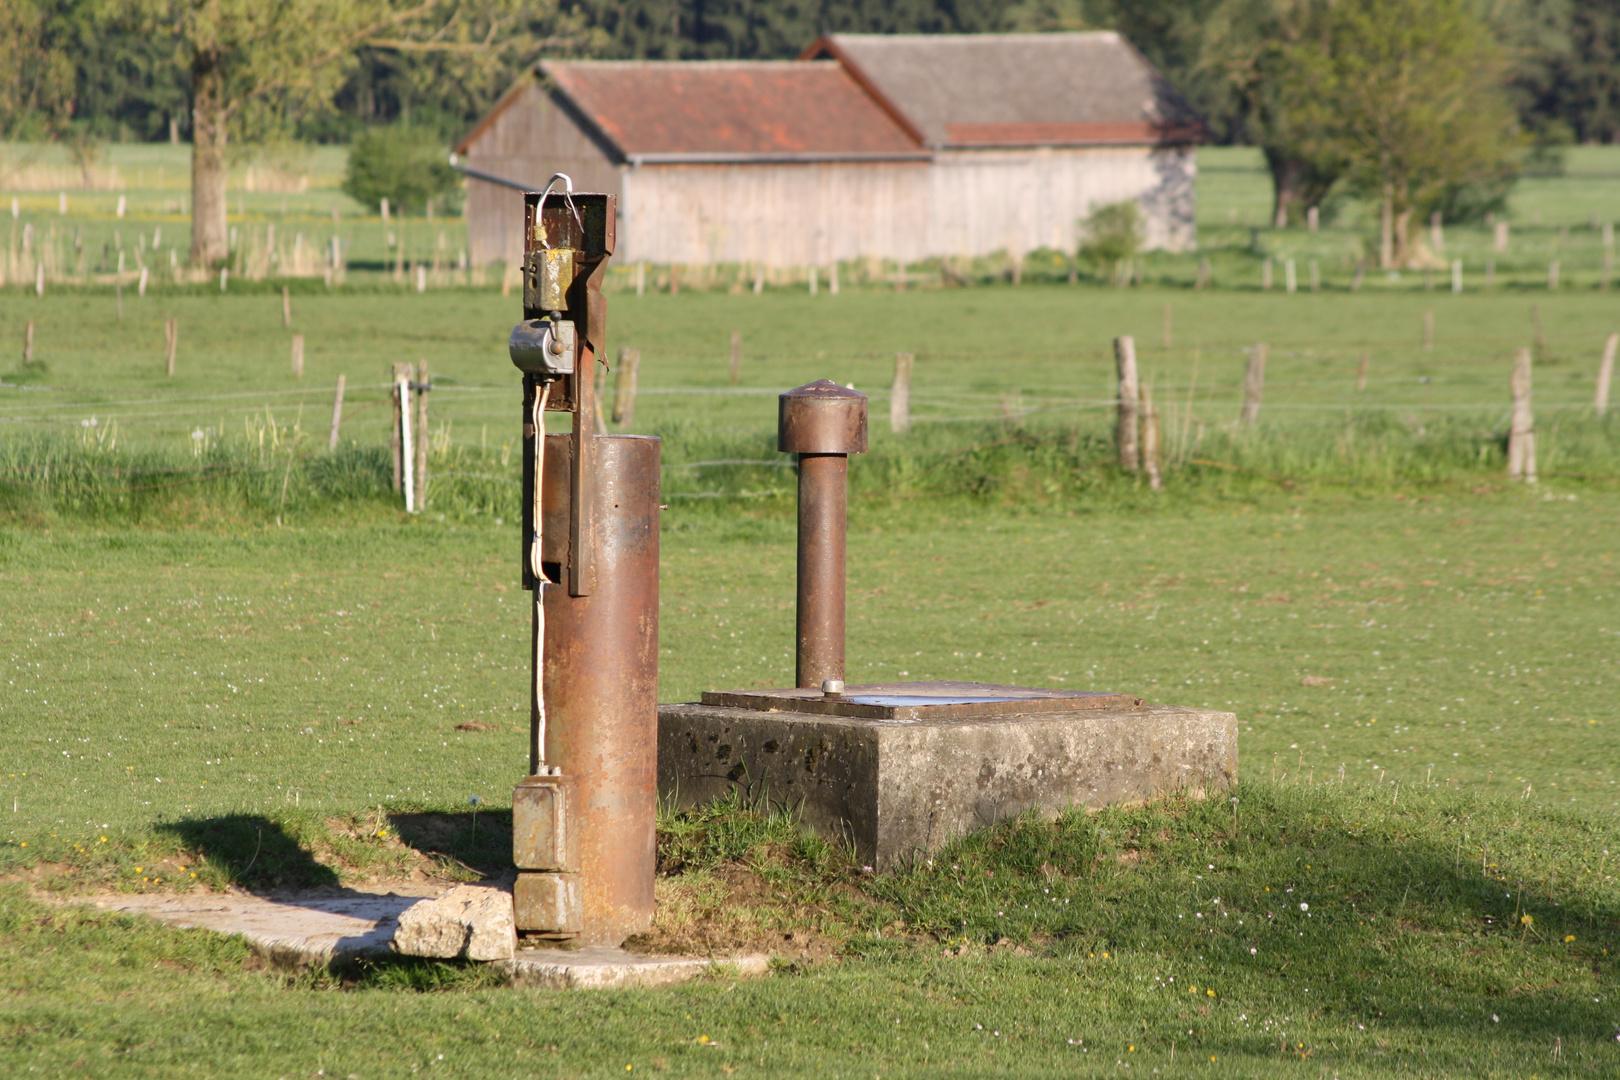 landwirtschaft; brunnen, pumpe foto & bild | sonstiges, natur und